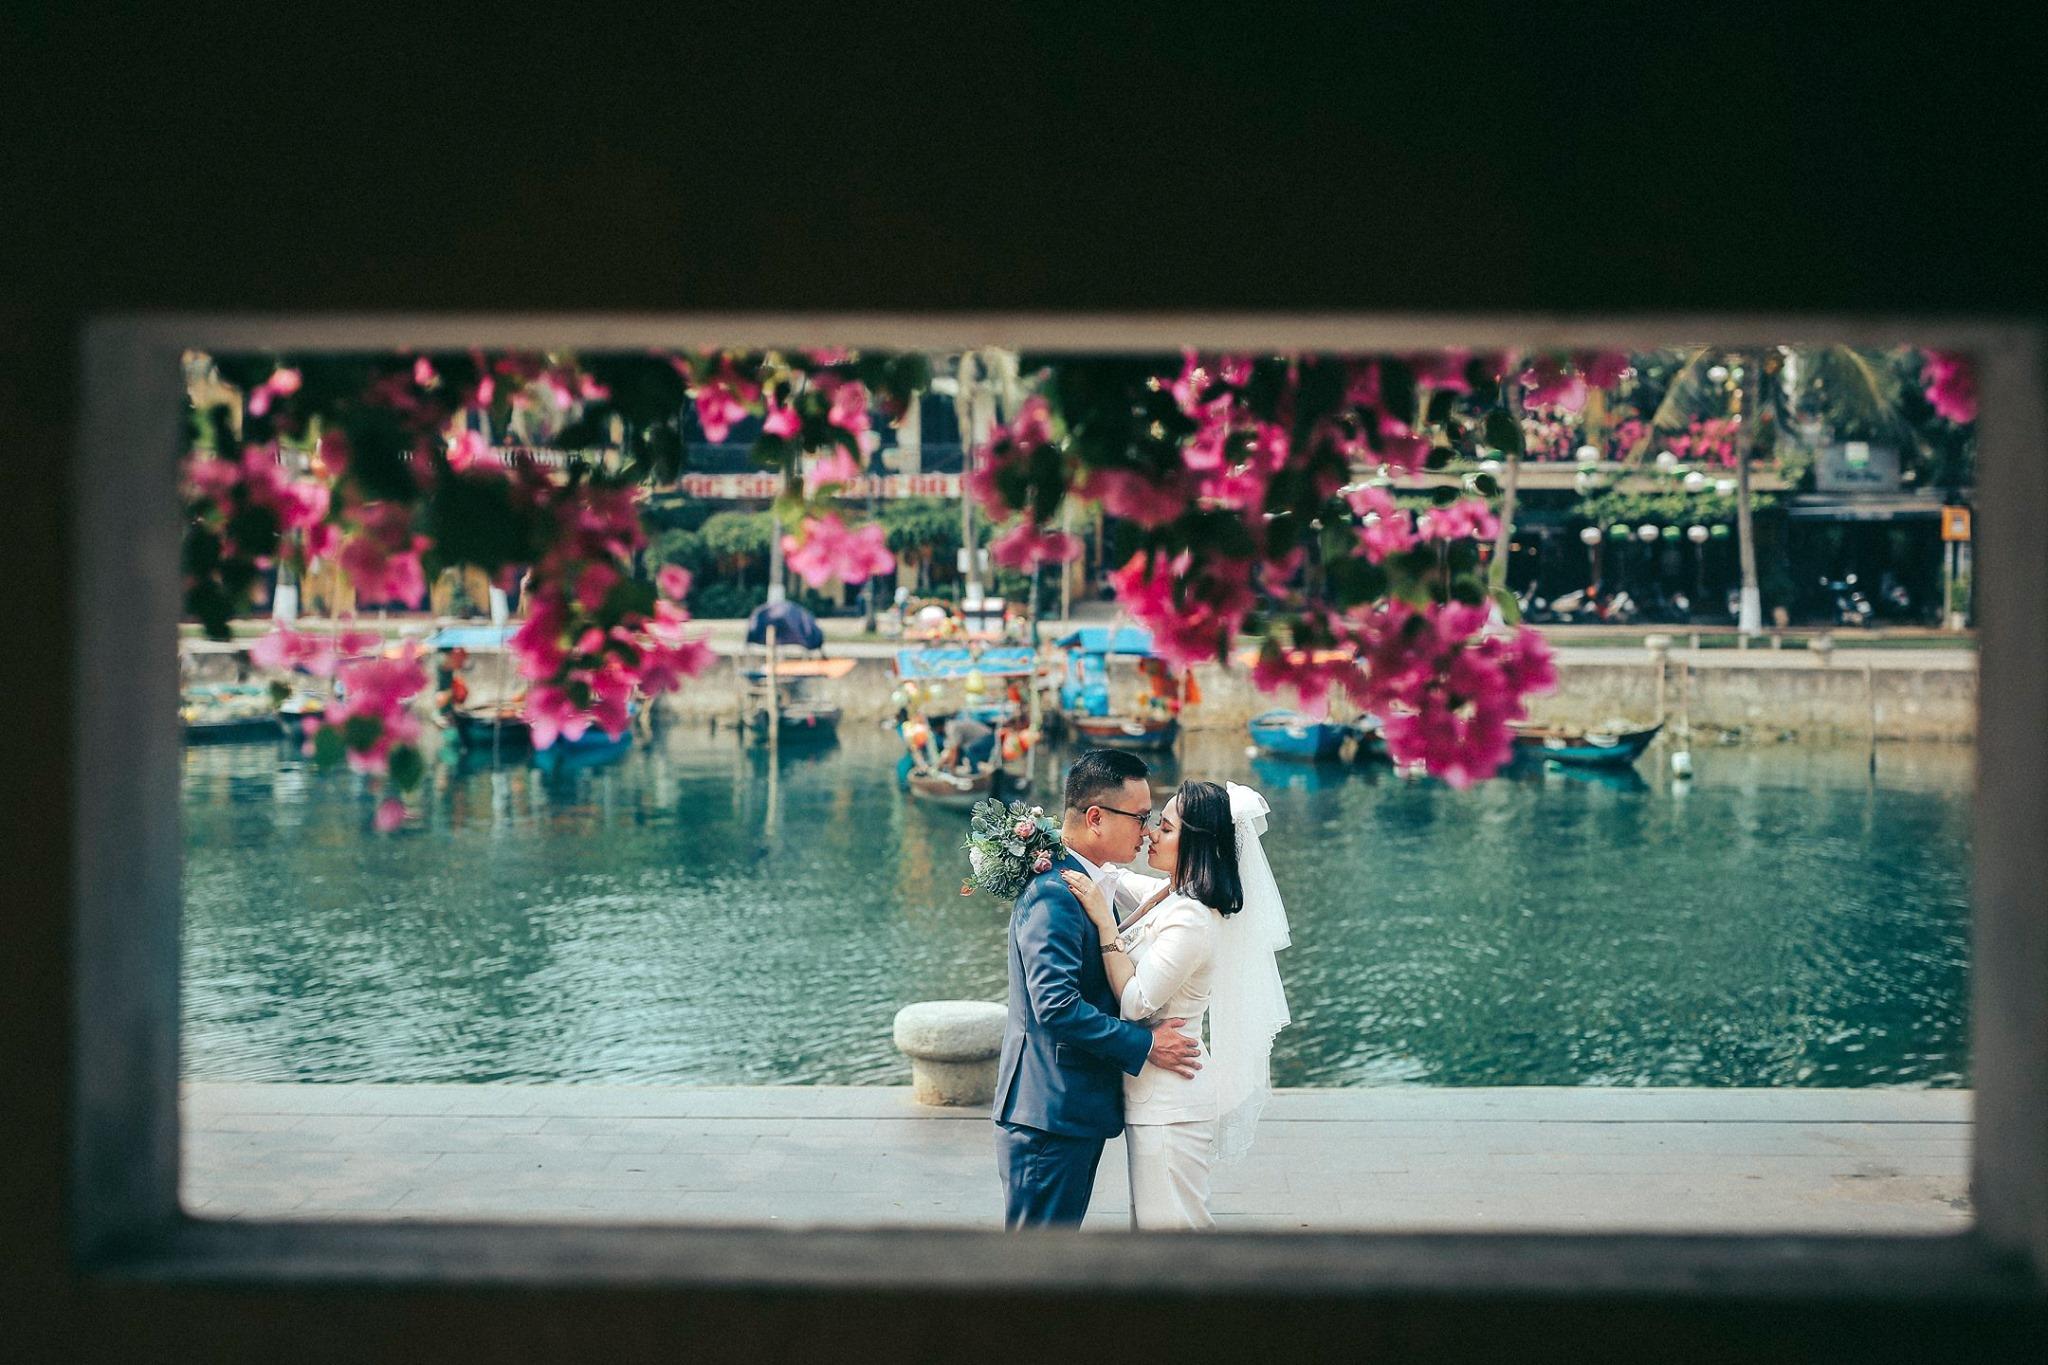 Xếp hạng 6 Studio chụp ảnh cưới đẹp nhất tại TP Hội An, Quảng Nam -  Nin Nguyễn Studio Wedding